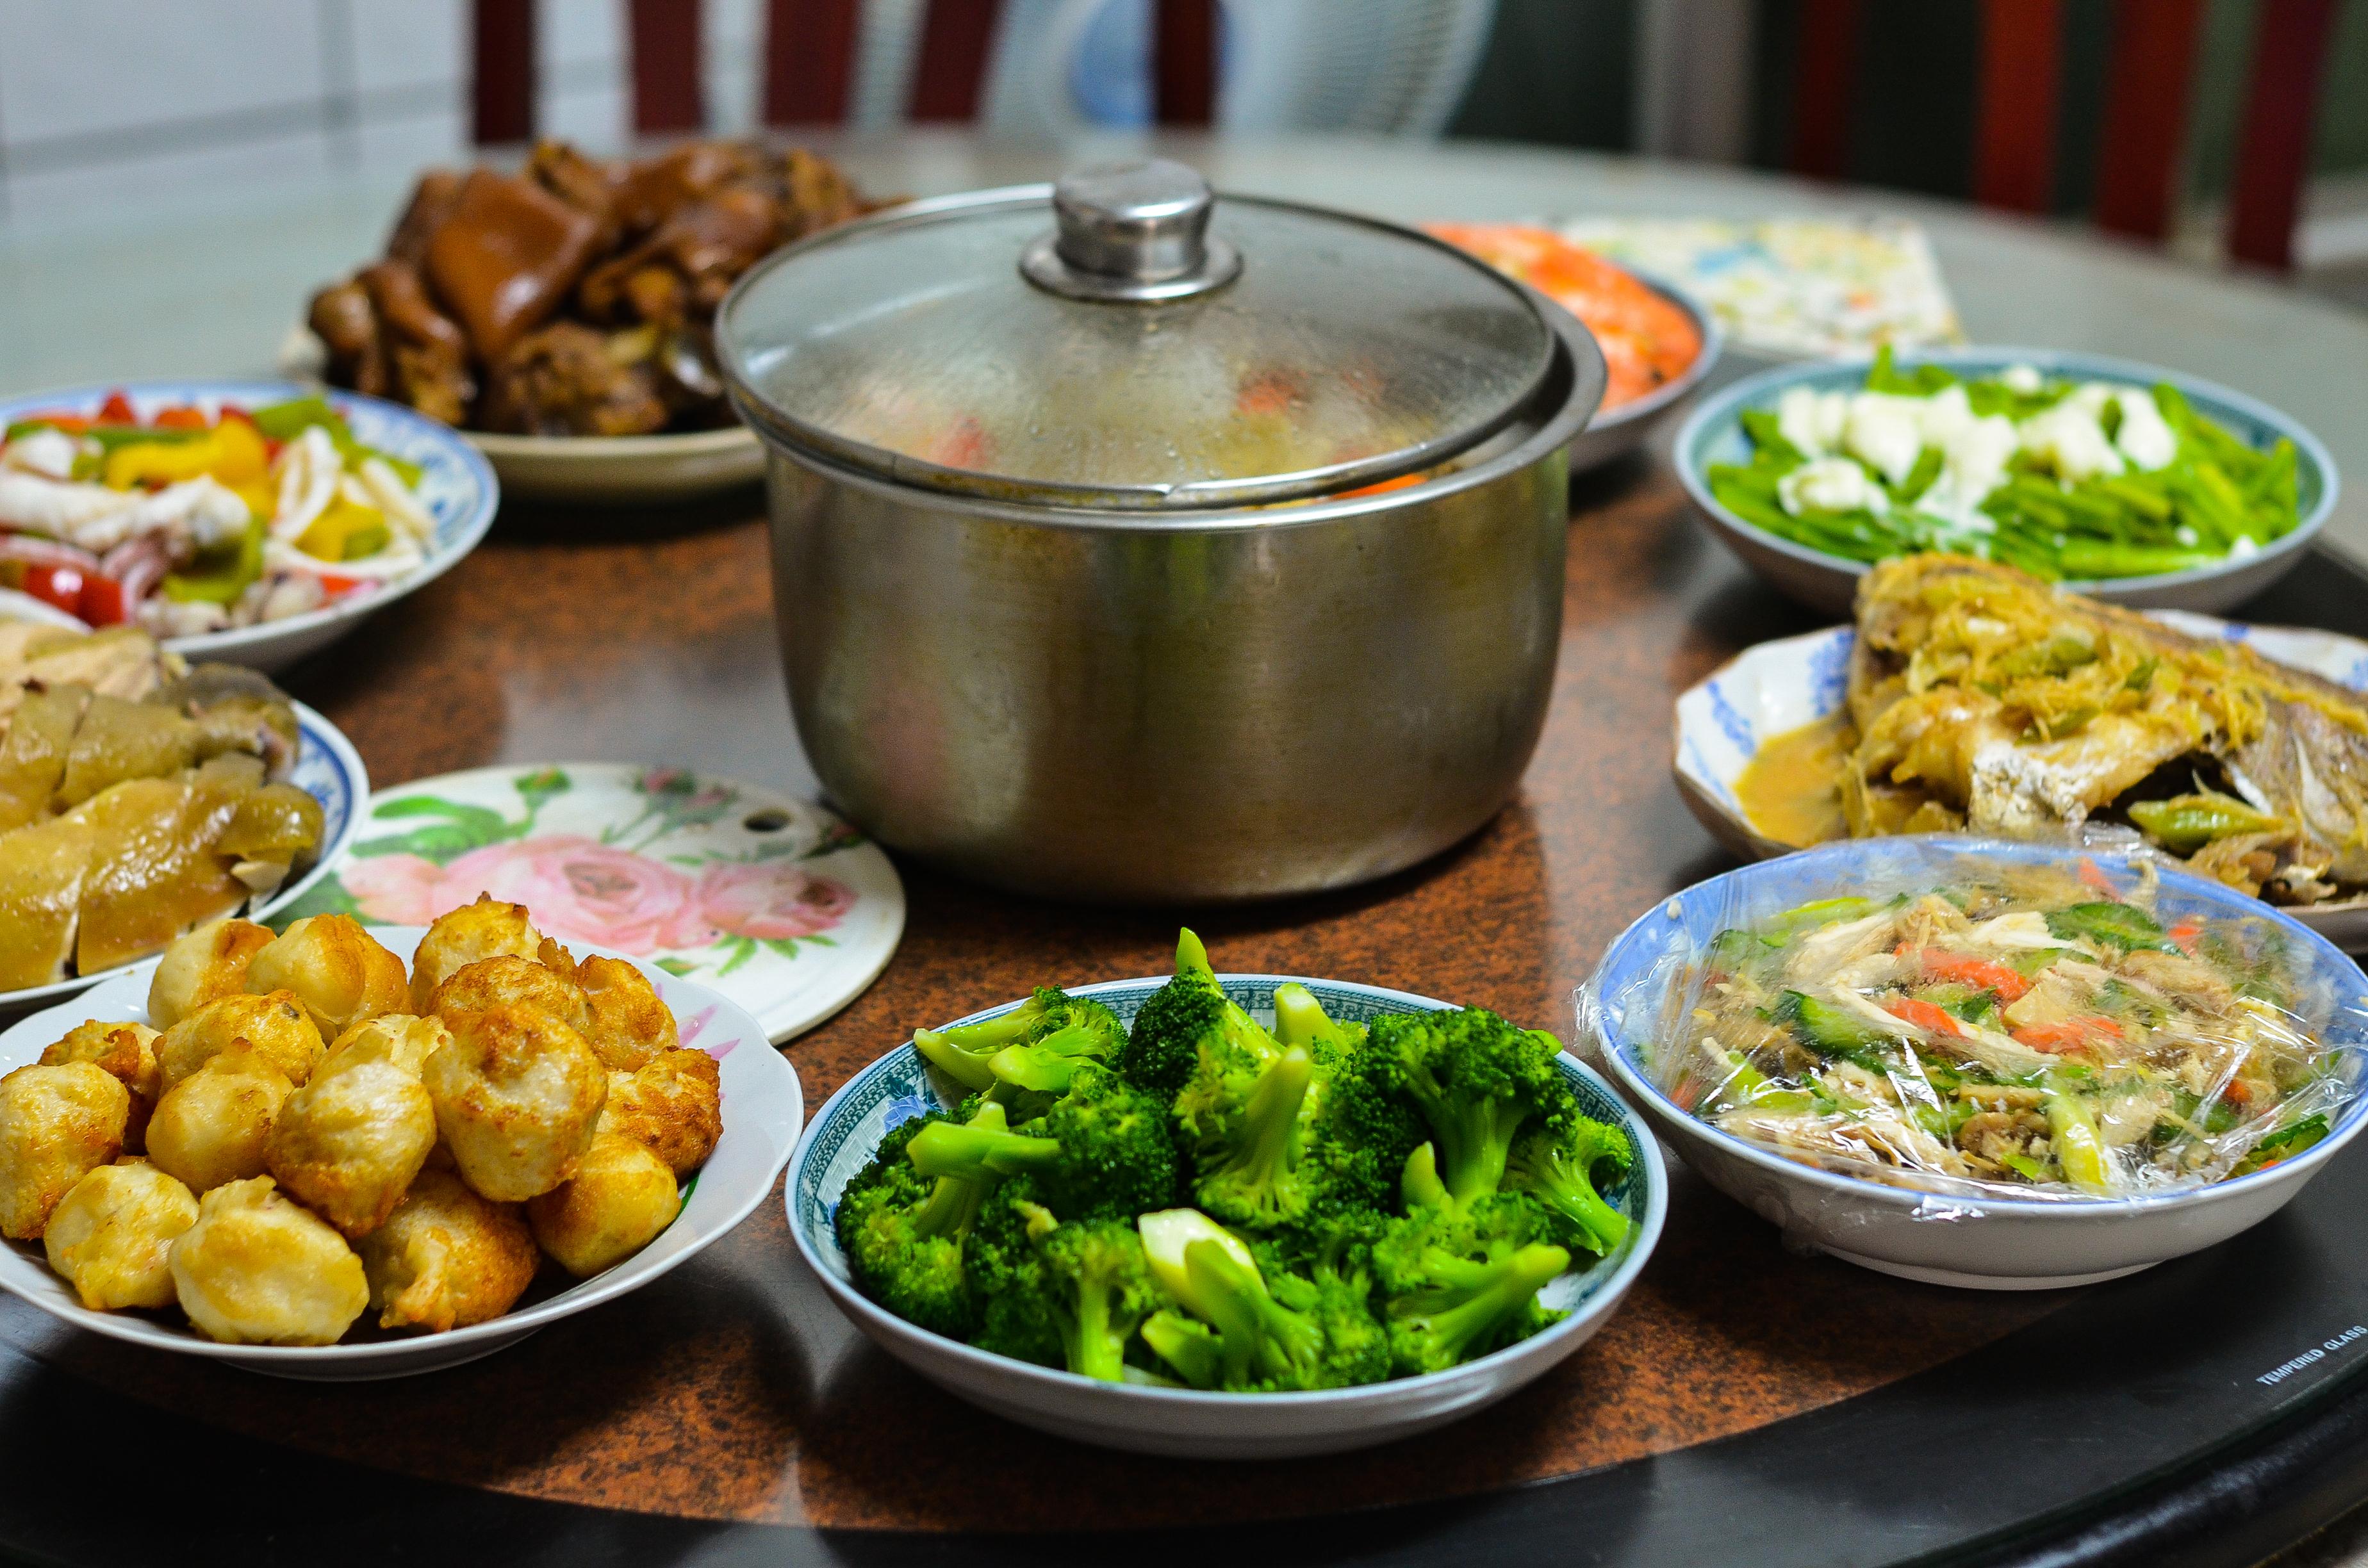 豐盛年菜隔夜吃也健康 「食物中毒」嚴重恐猝死預防懶人包